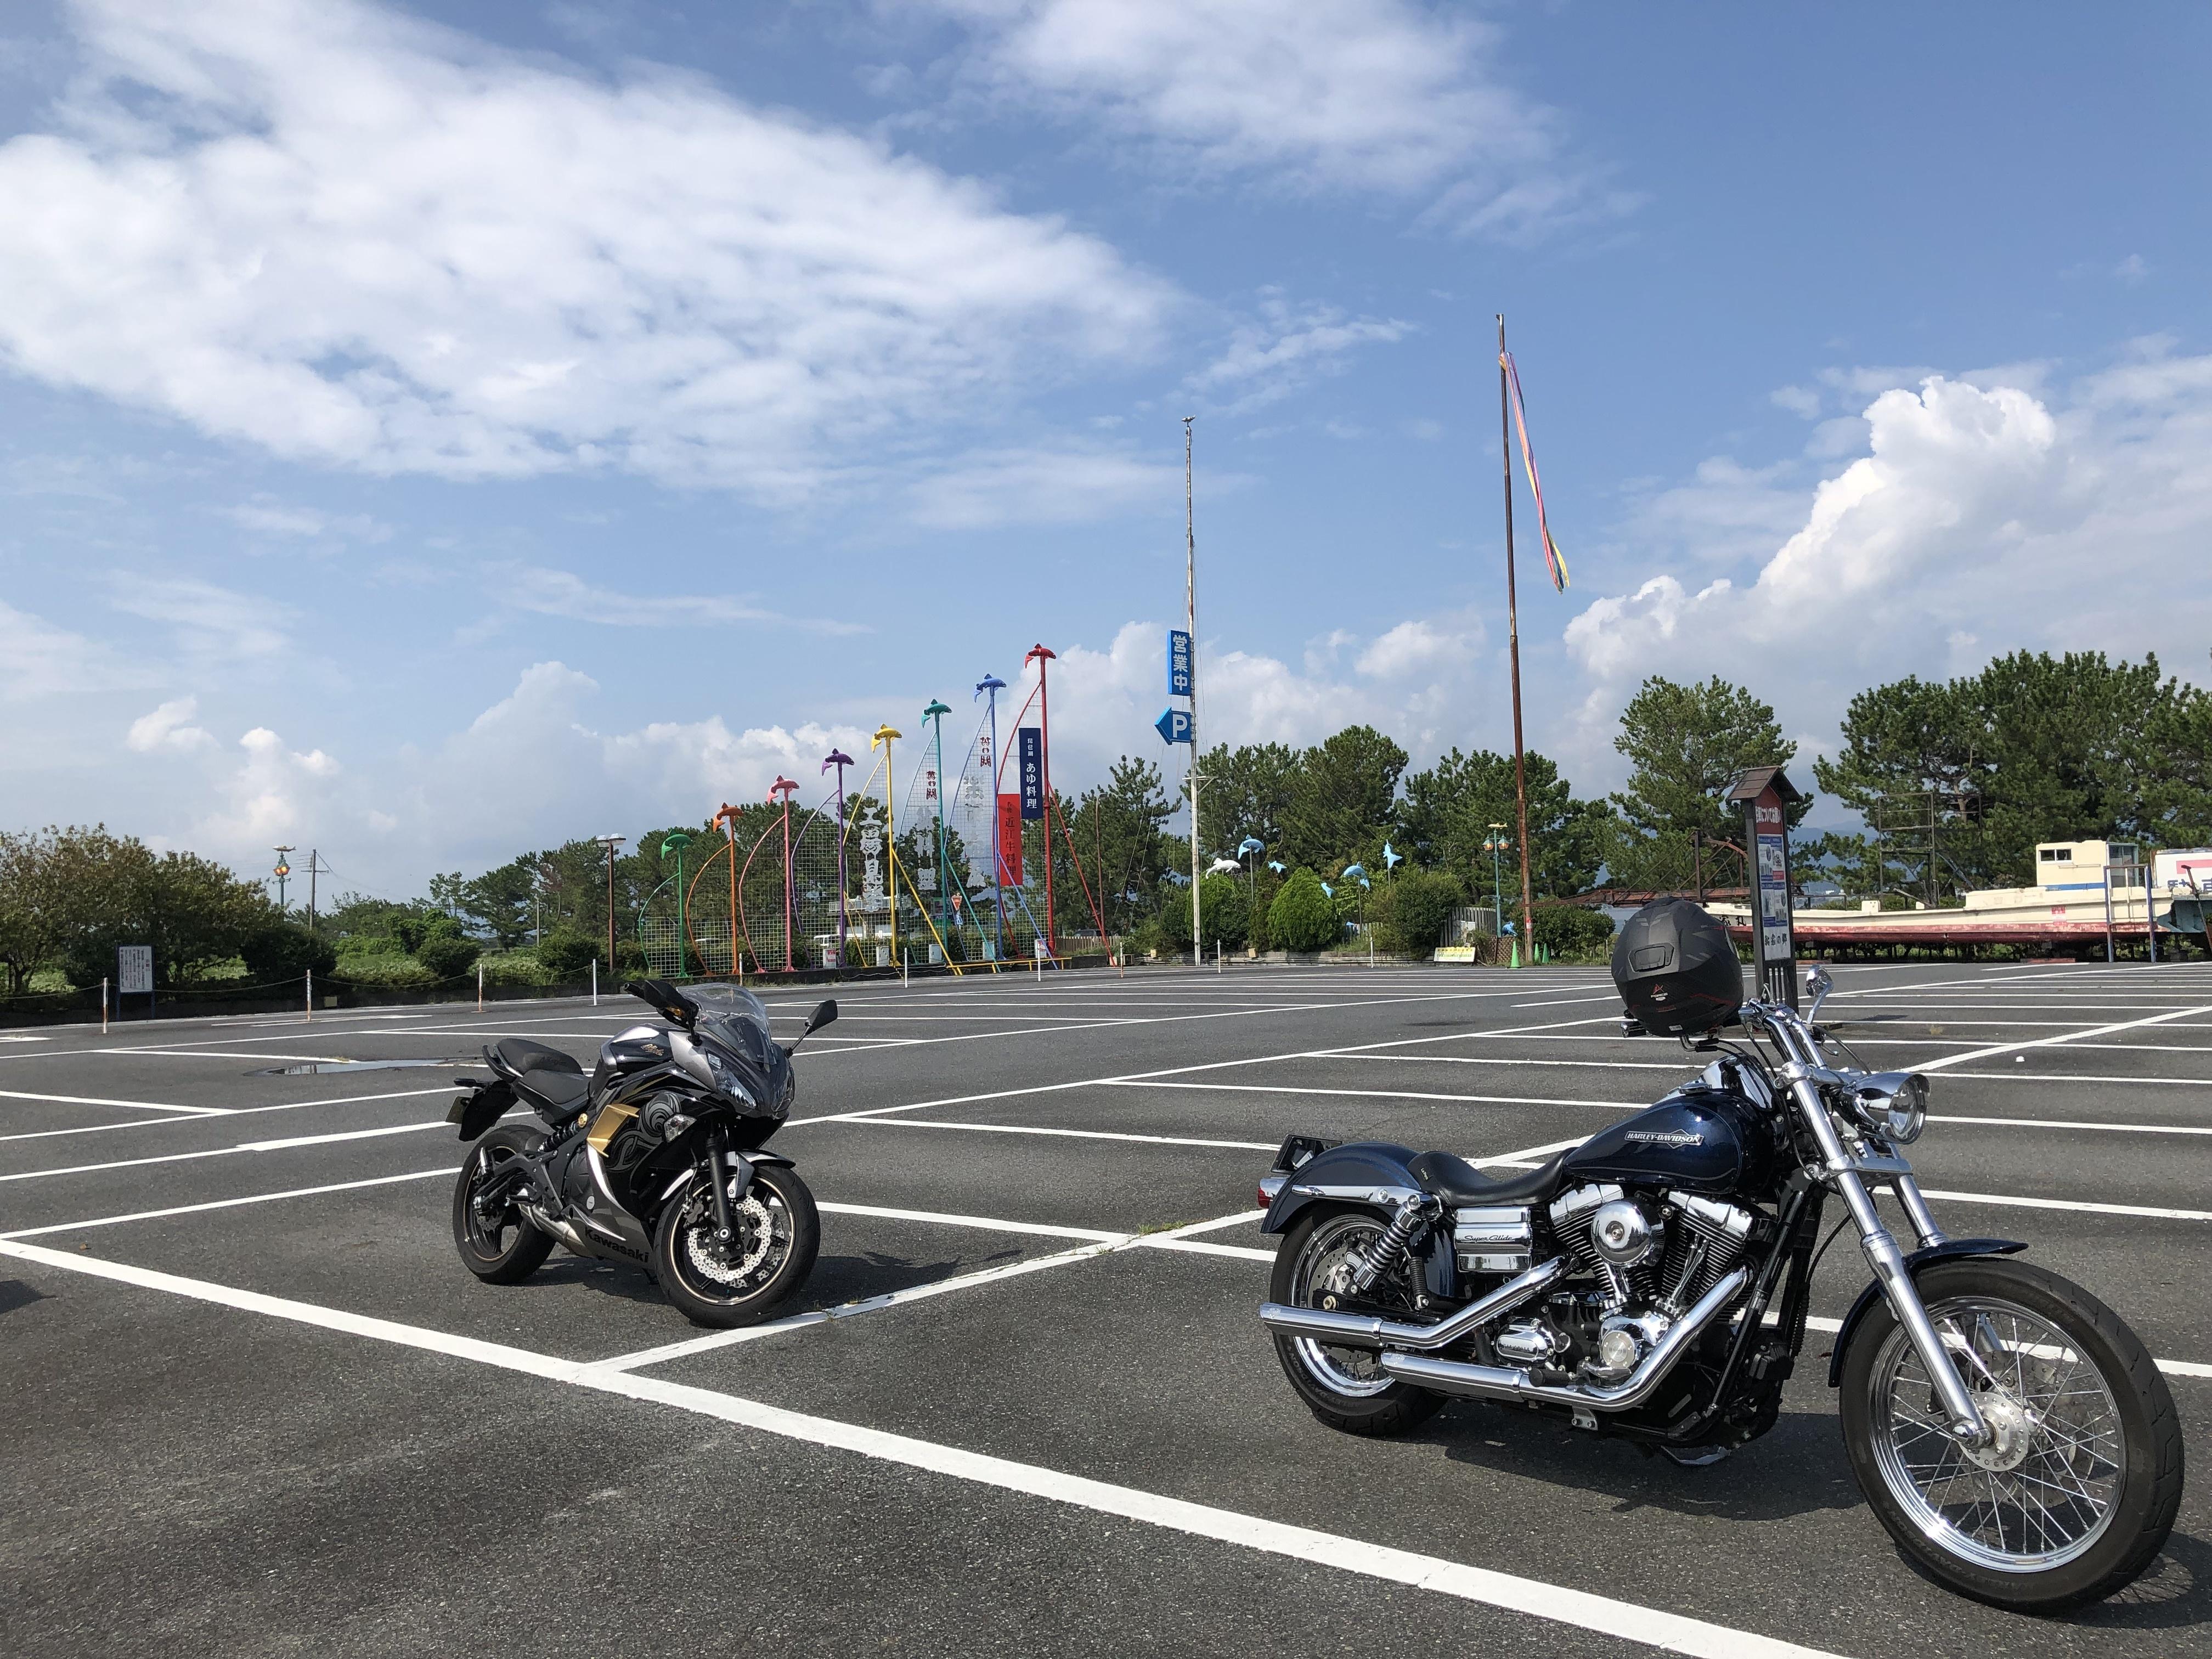 ハーレーとカワサキで行く近江八幡ツーリング 鮎家の郷 駐車場